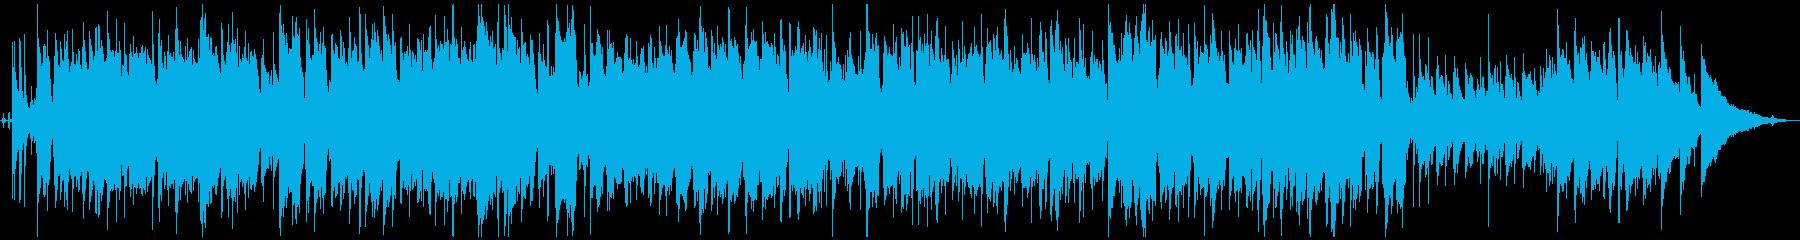 フルート/サックス 優しさのあるジャズの再生済みの波形